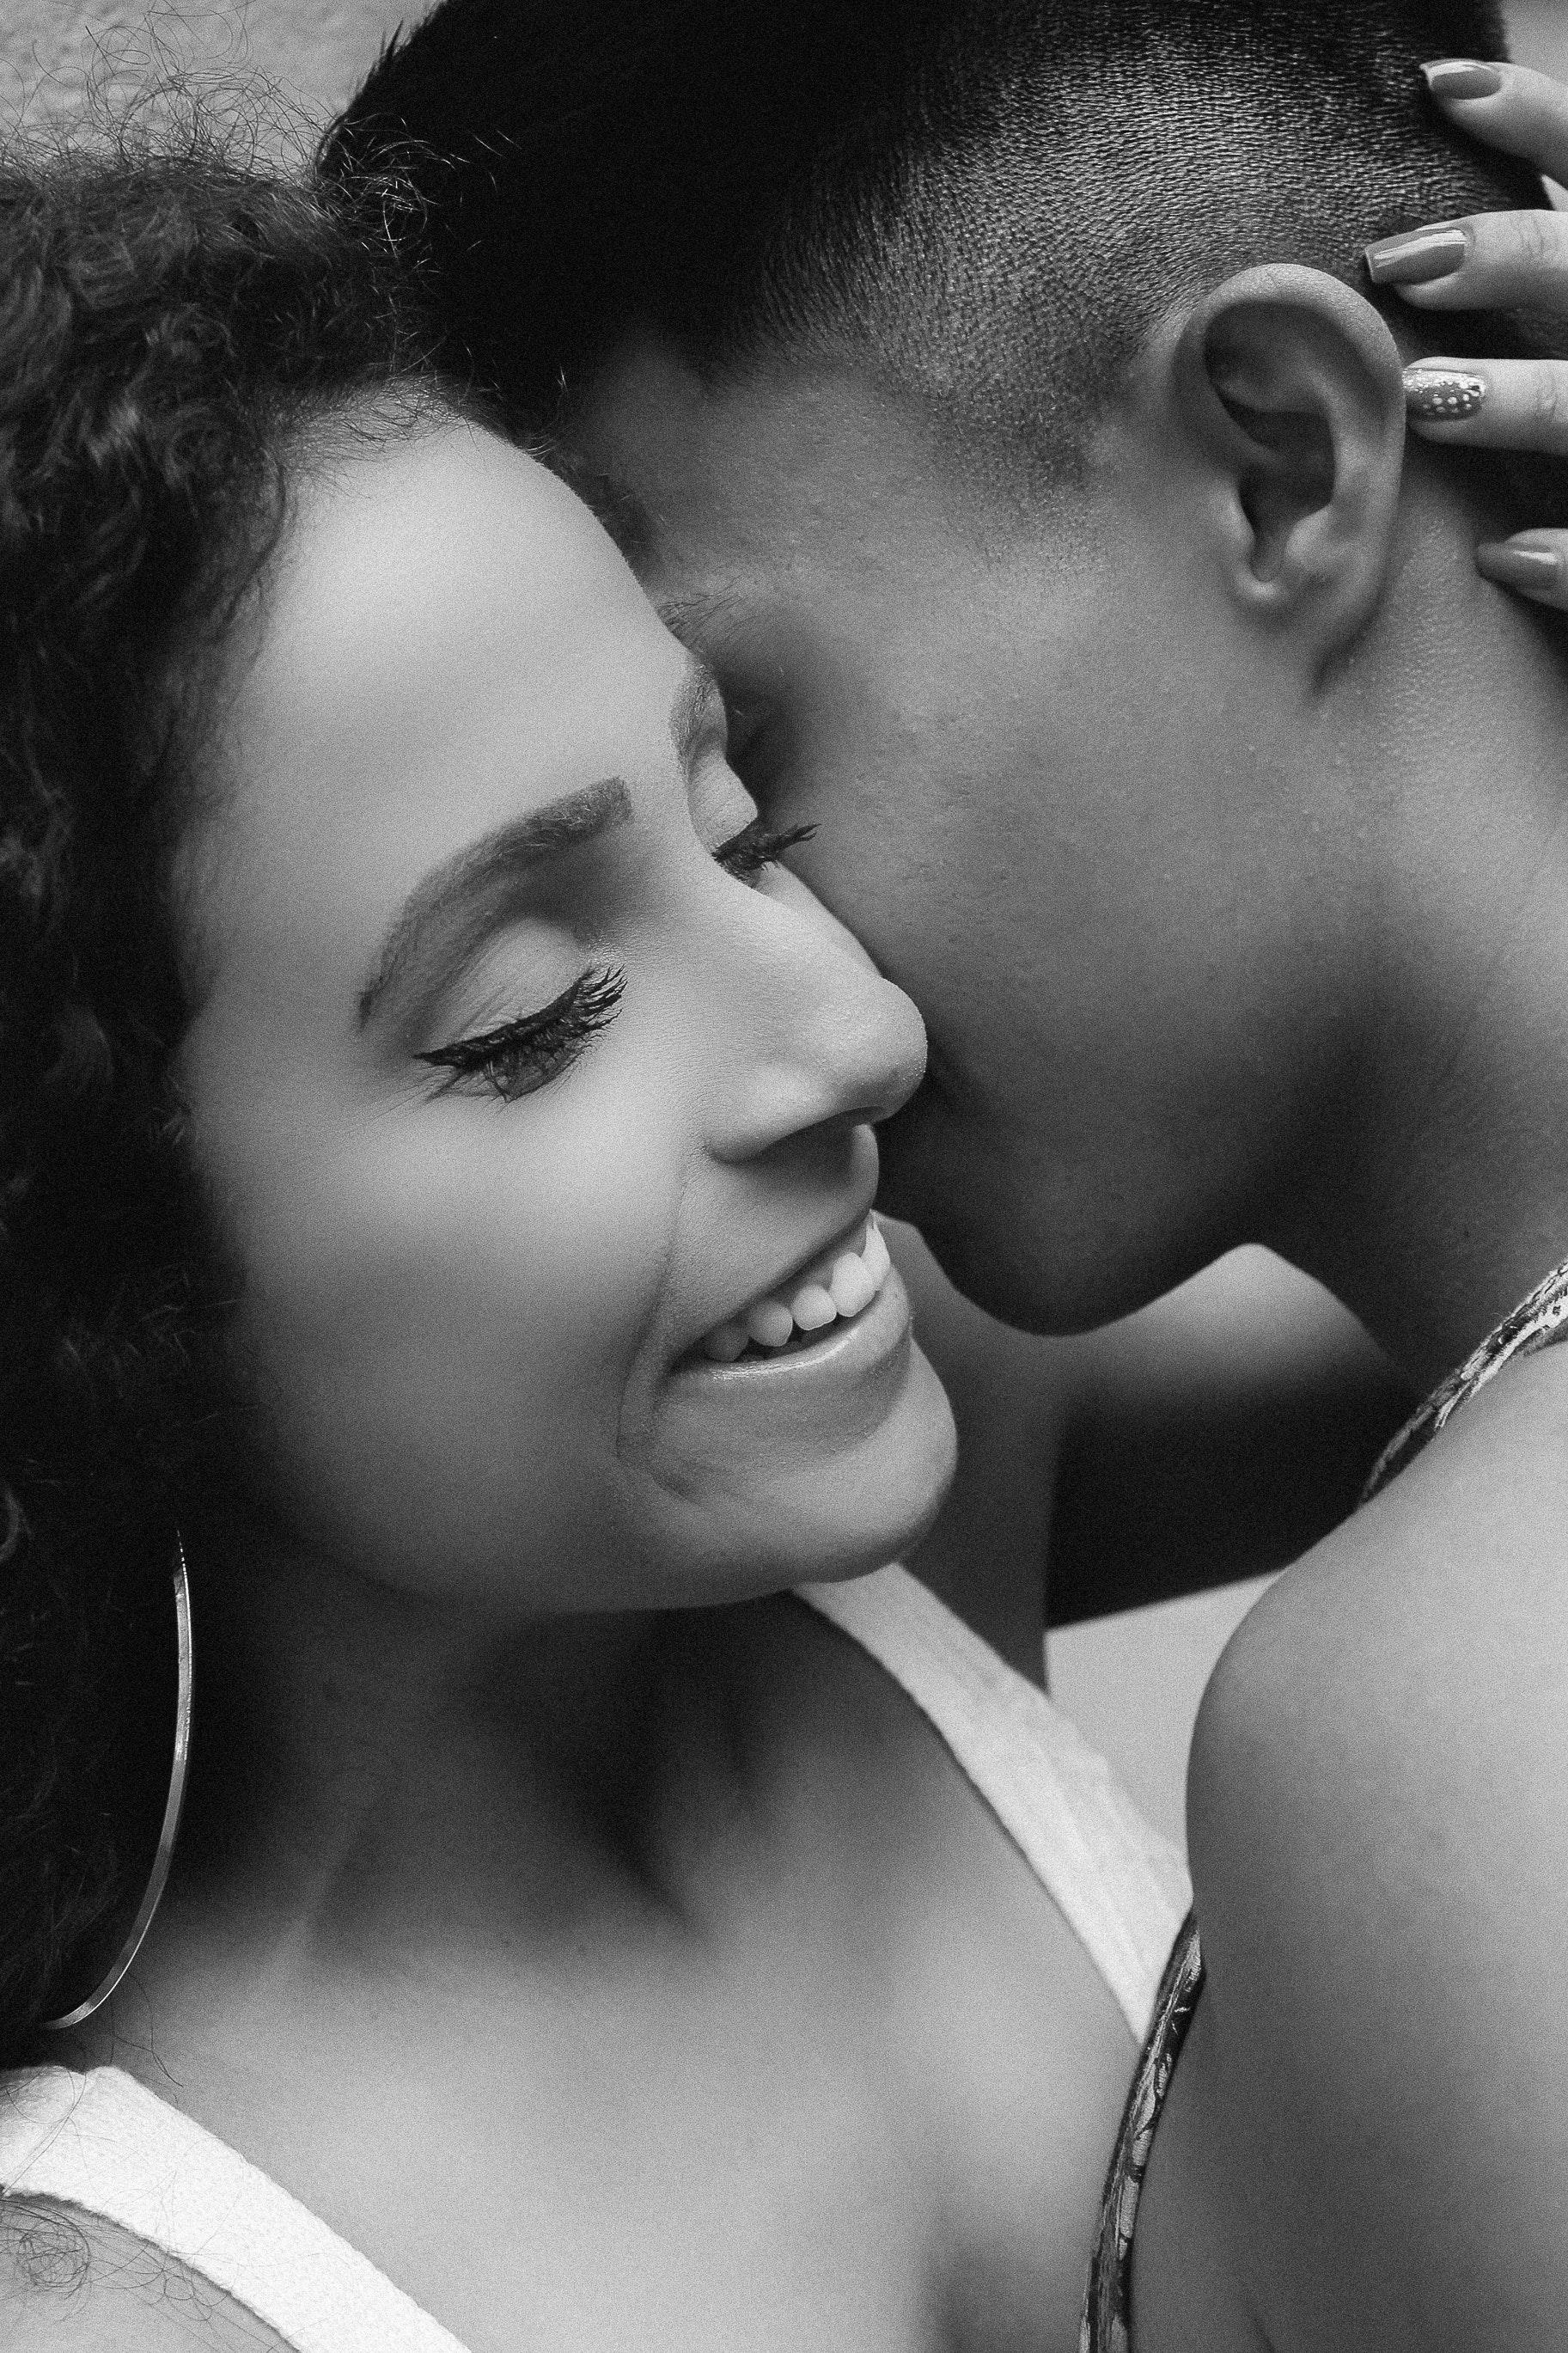 sexuálne pozície pre čierne páry